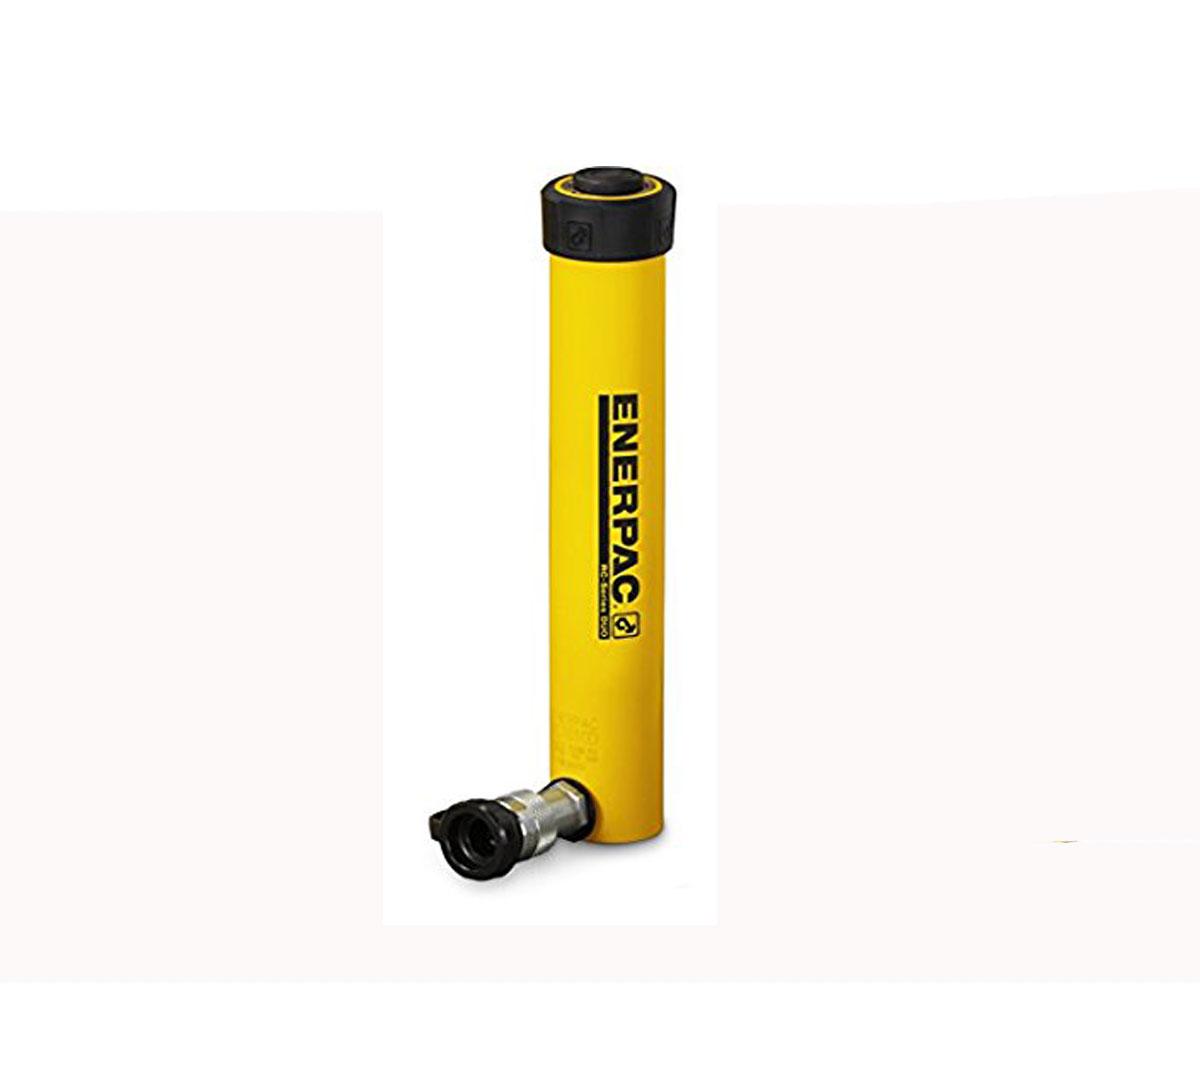 enerpac-rc108-hydraulic-cylinder-rental